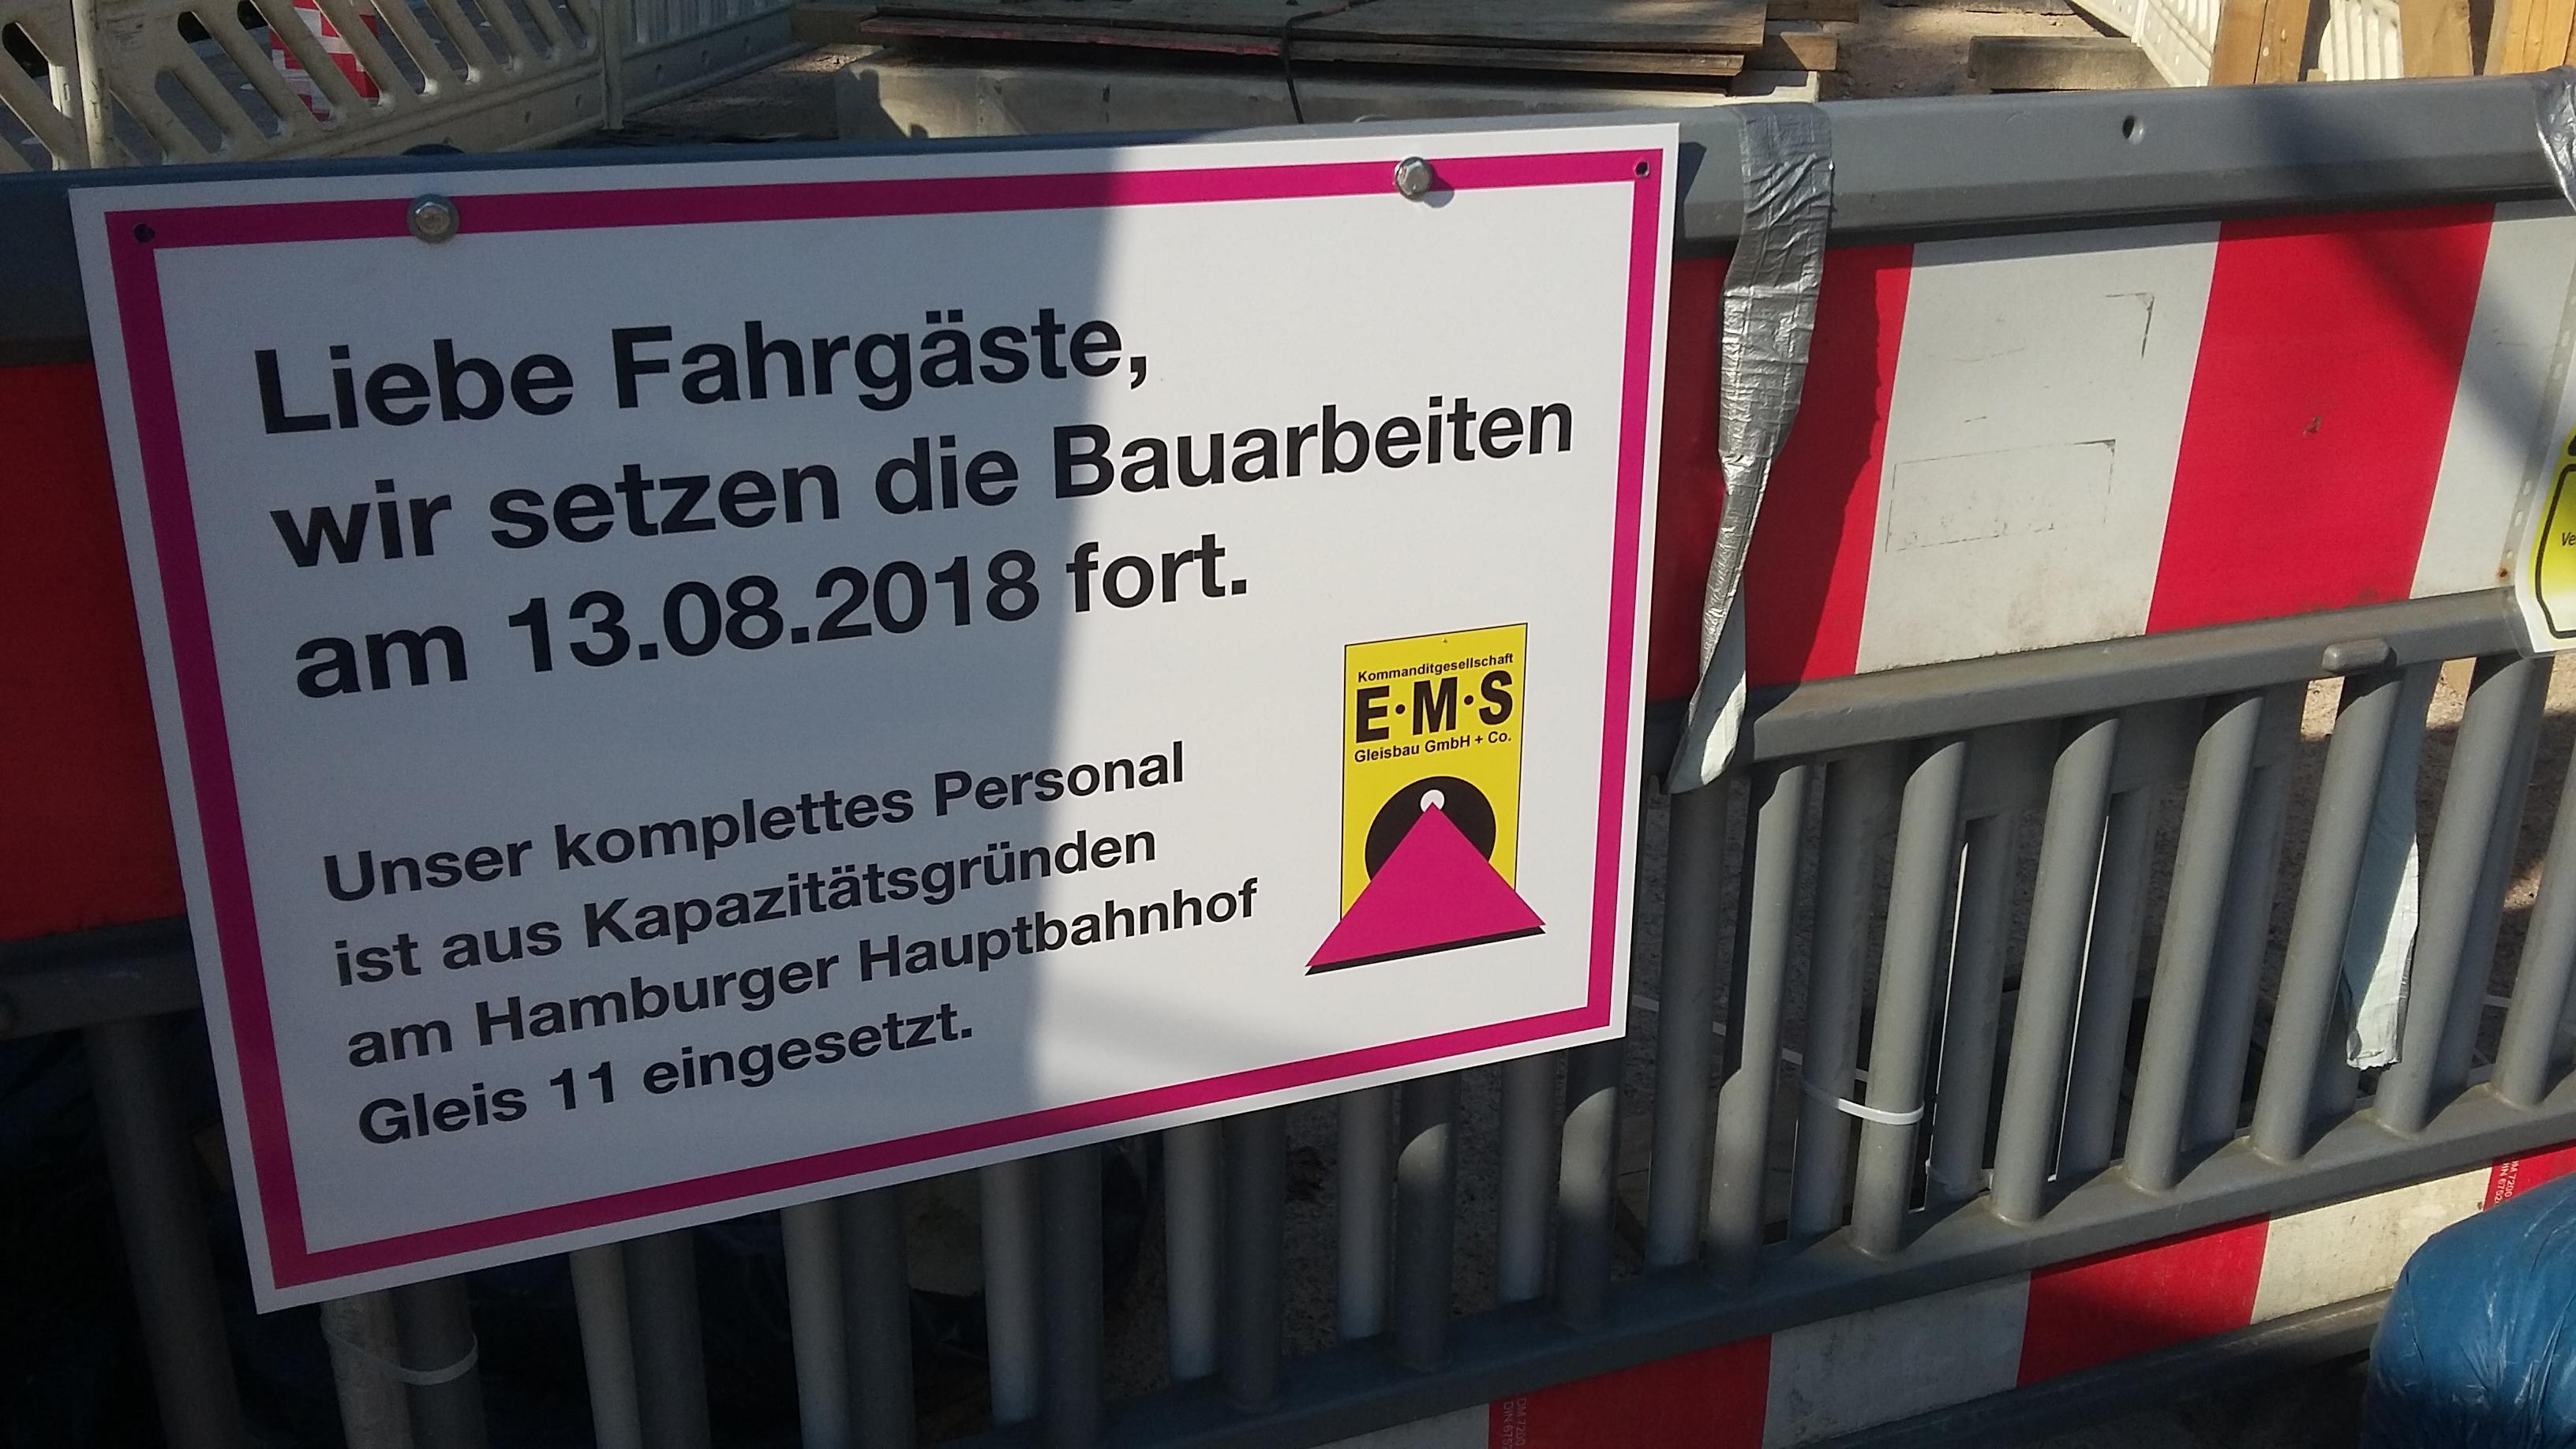 Nicht nur die Pendler aus dem Süden leiden unter dem Baustellen-Chaos am Hauptbahnhof. Dieses Schild steht seit zwei Wochen an der Baustelle der S-Bahn in Wellingsbüttel. Dort versucht die Bahn seit zwei Jahren, einen Fahrstuhl einzubauen. Und da sage noch einer, die Bahn würde nicht alles geben!